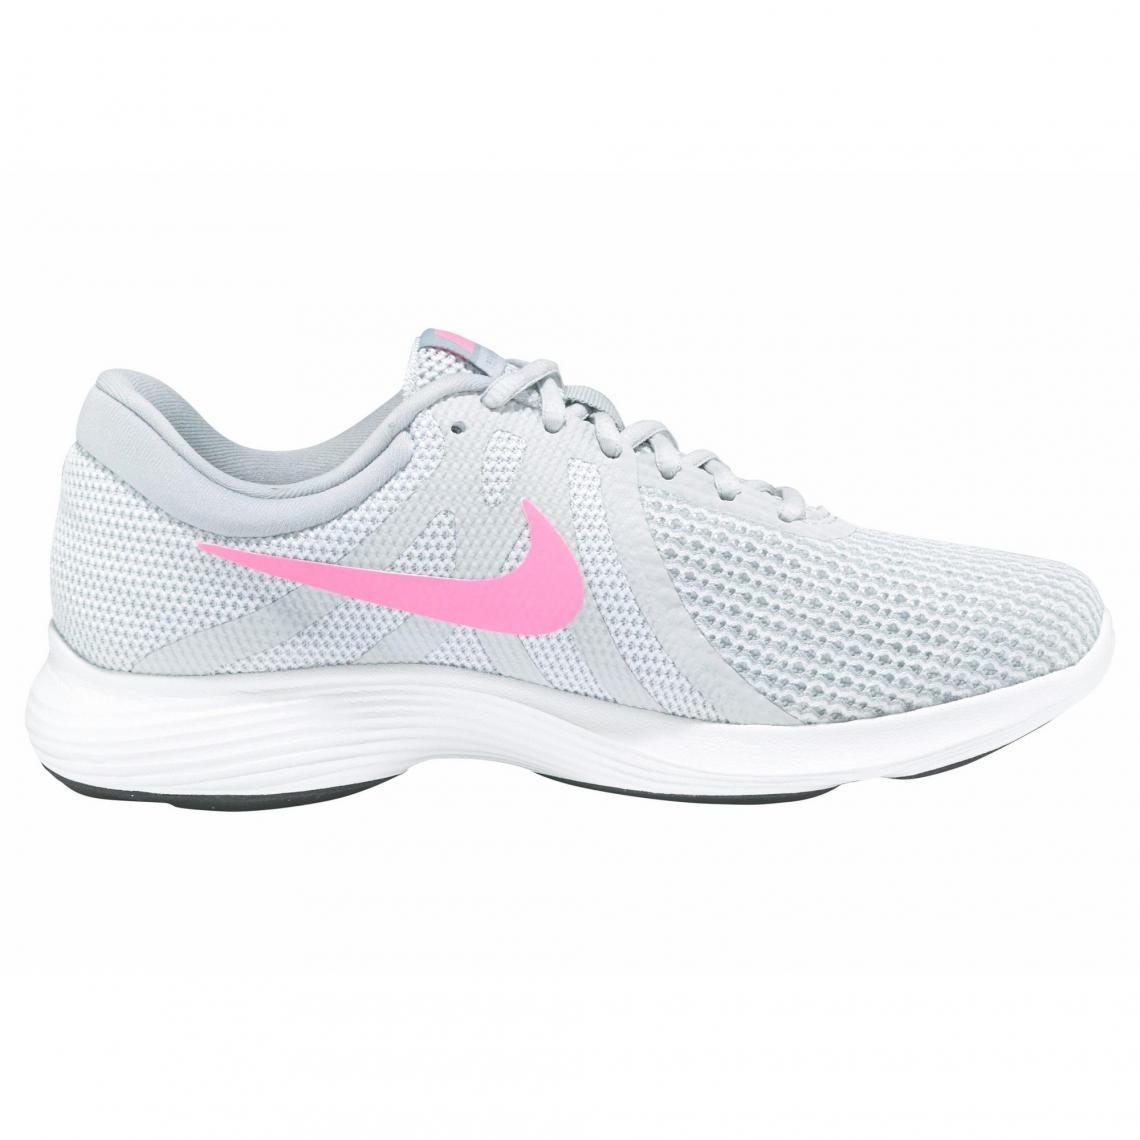 53395f729c18 Sneakers Nike Cliquez l image pour l agrandir. Sneaker femme Nike  Revolution 4 - gris clair   corail Nike